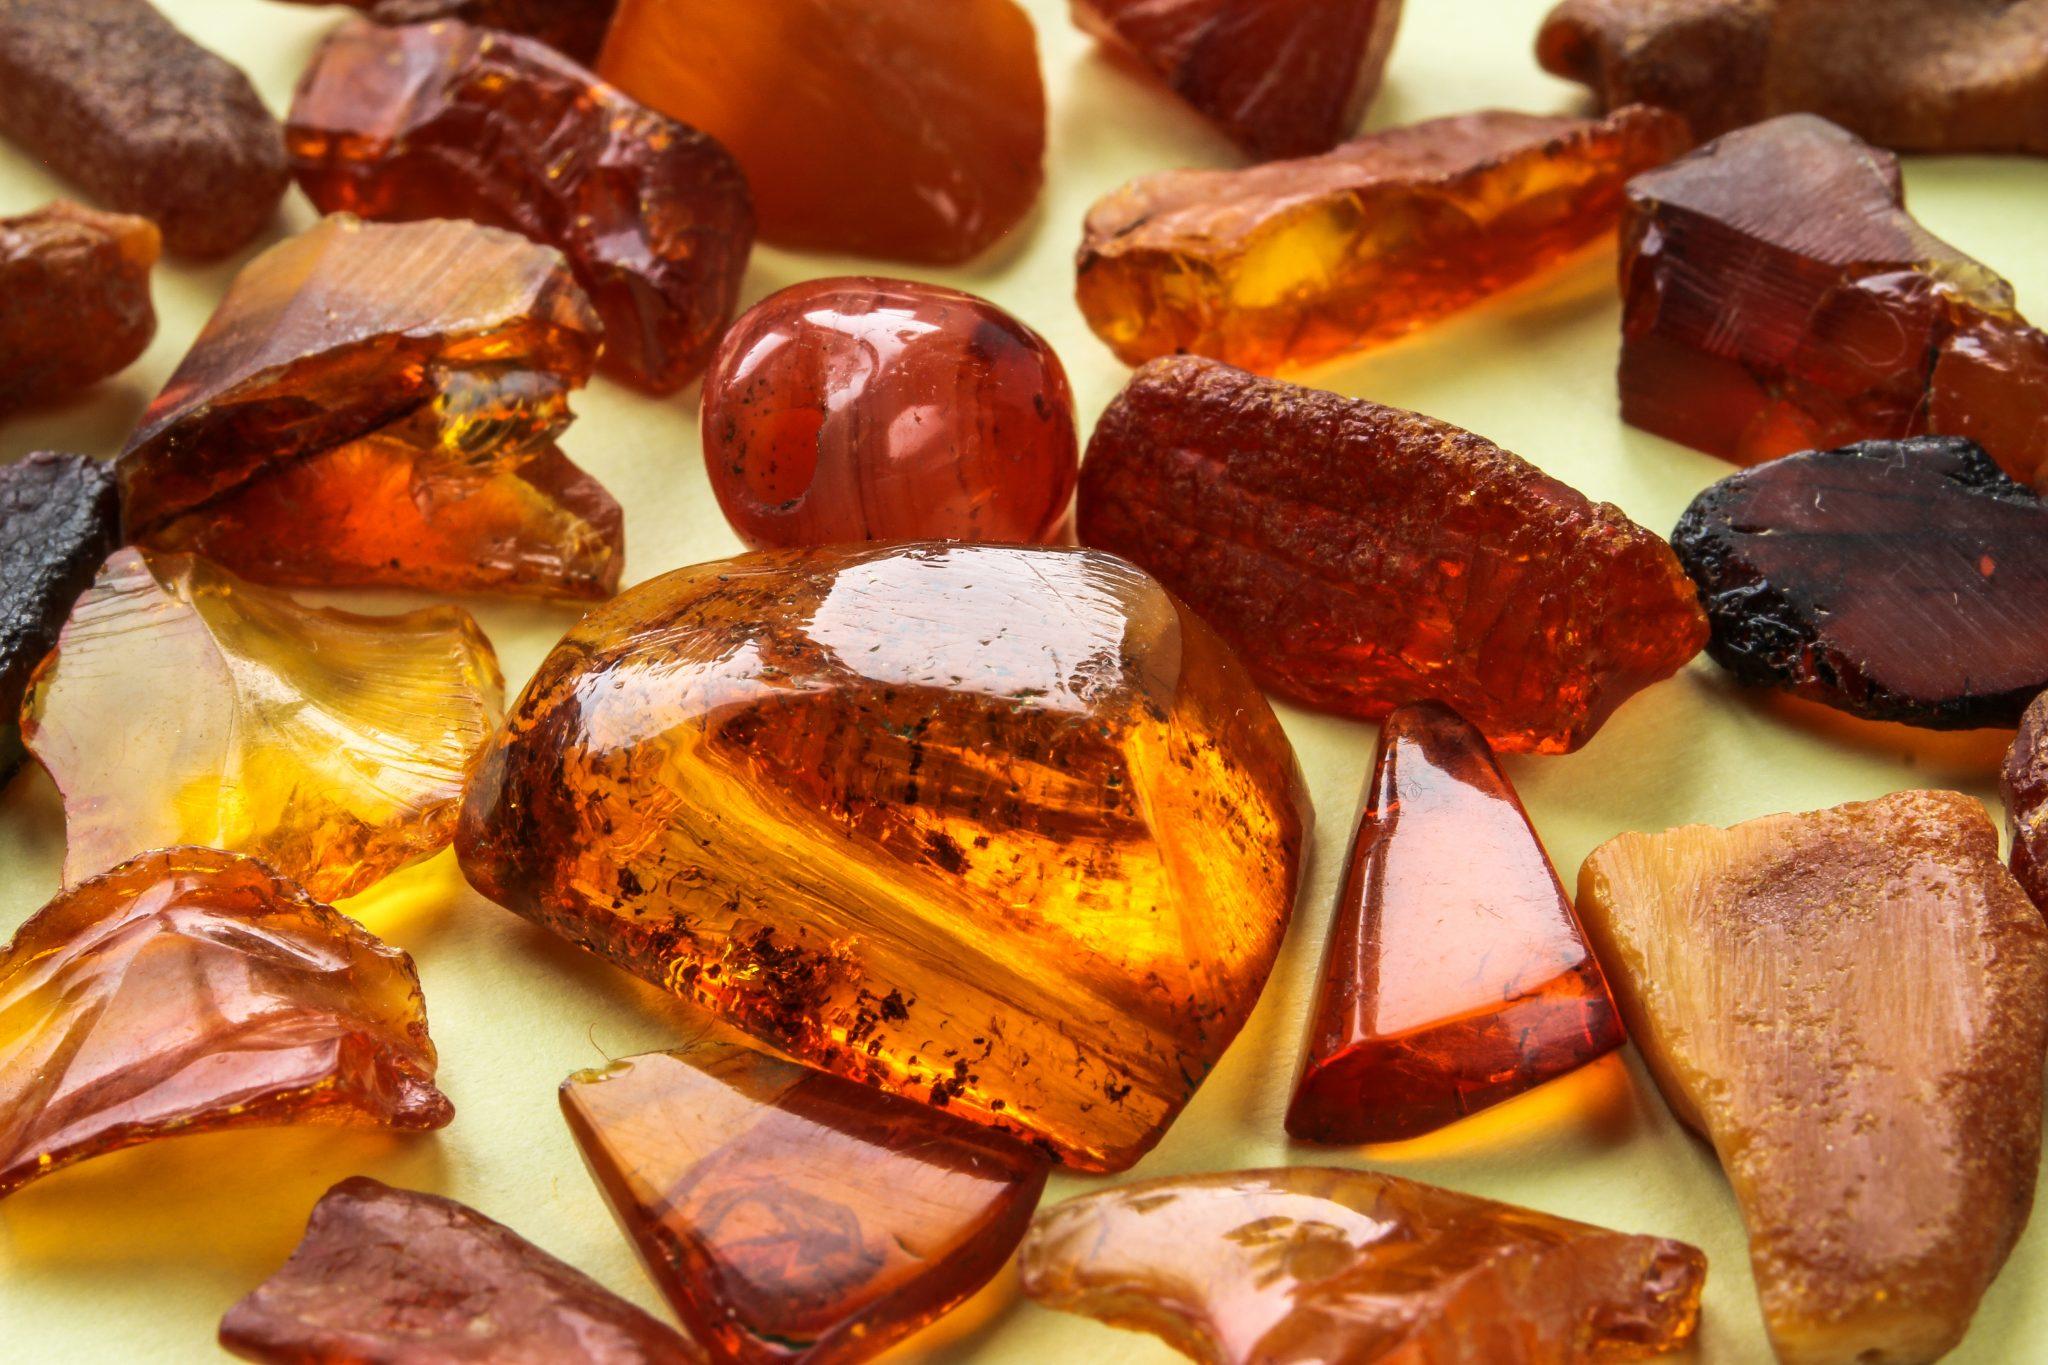 Камень Янтарь: магические свойства и кому подходит по знаку зодиака